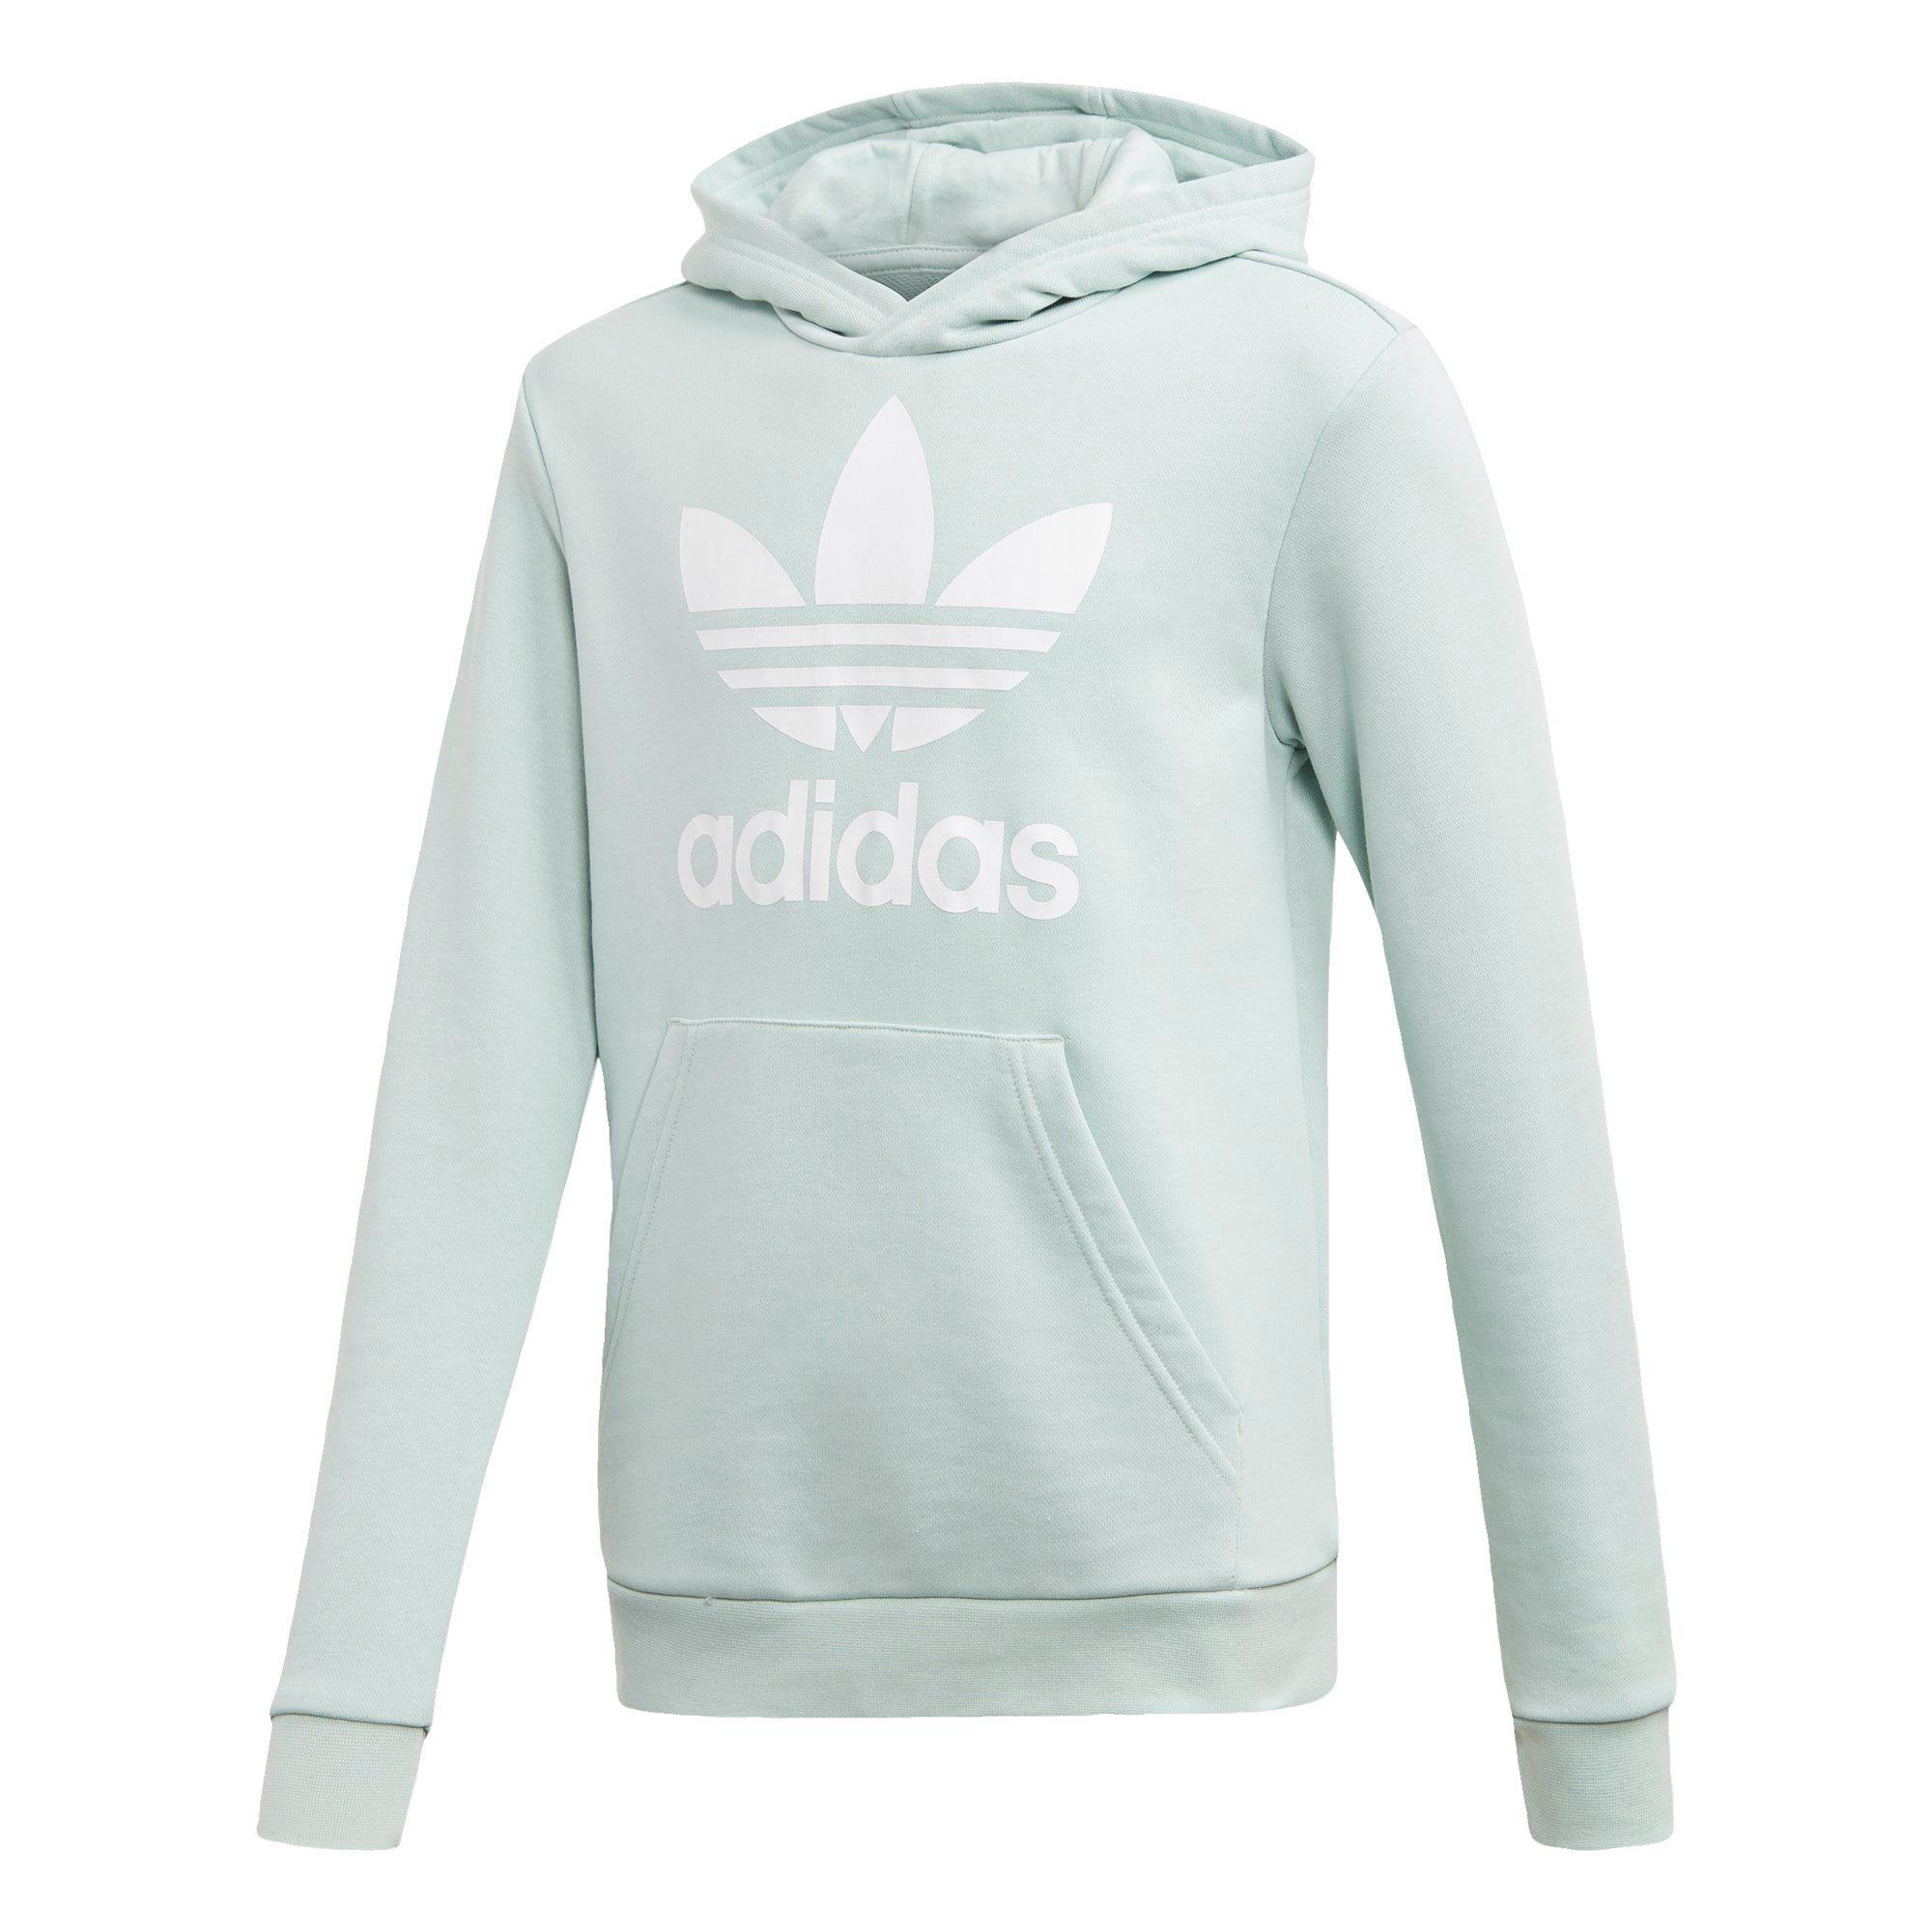 Details zu Adidas Trefoil Hoodie Pullover Pulli Sweater